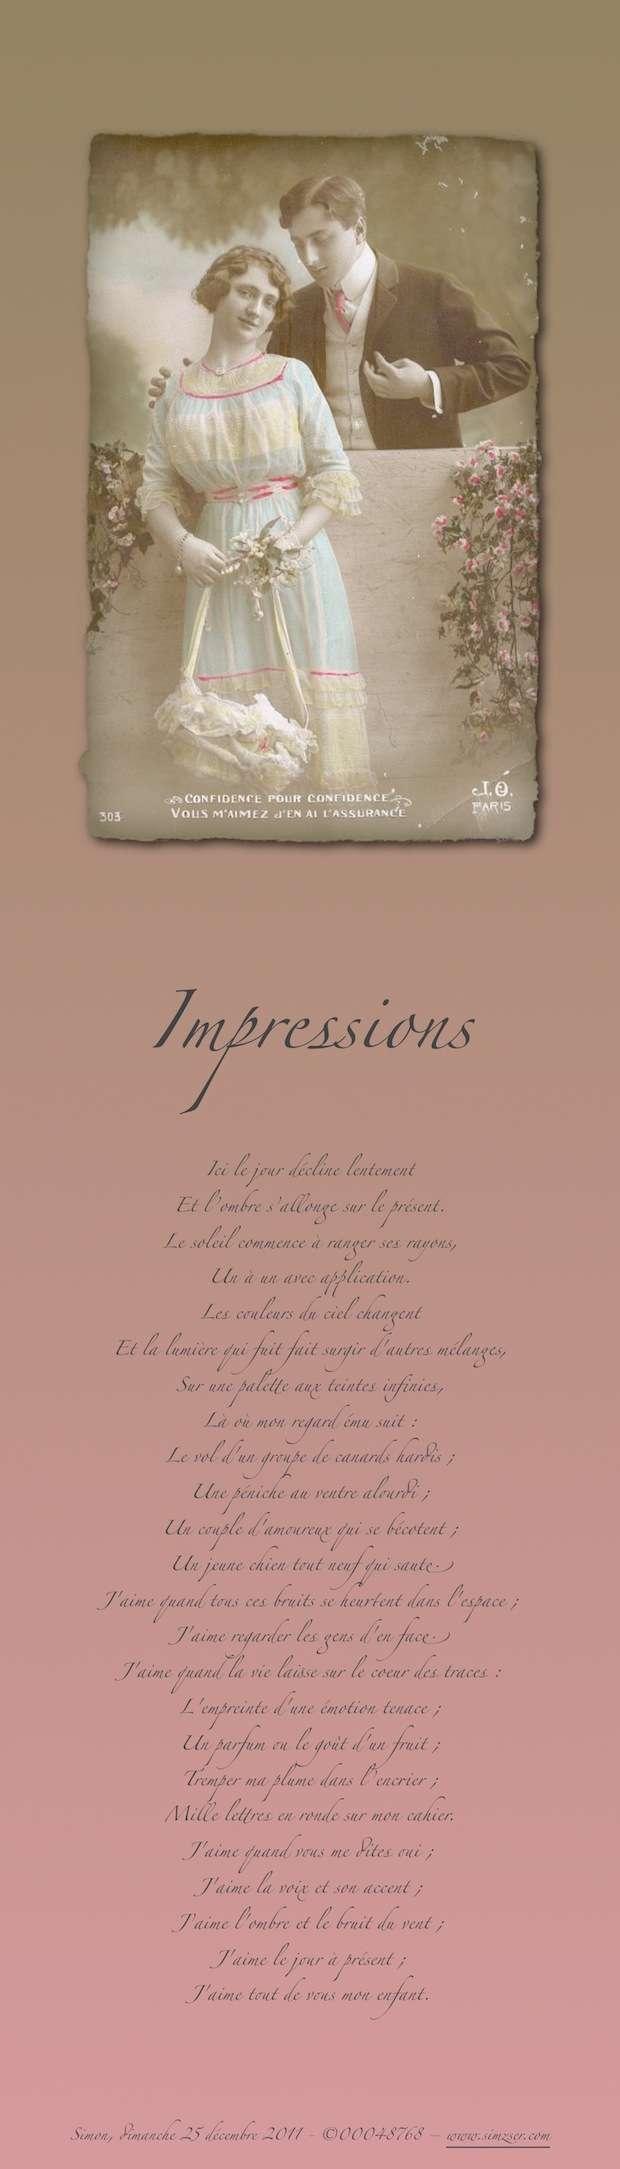 http://img69.imageshack.us/img69/4597/impressions.jpg